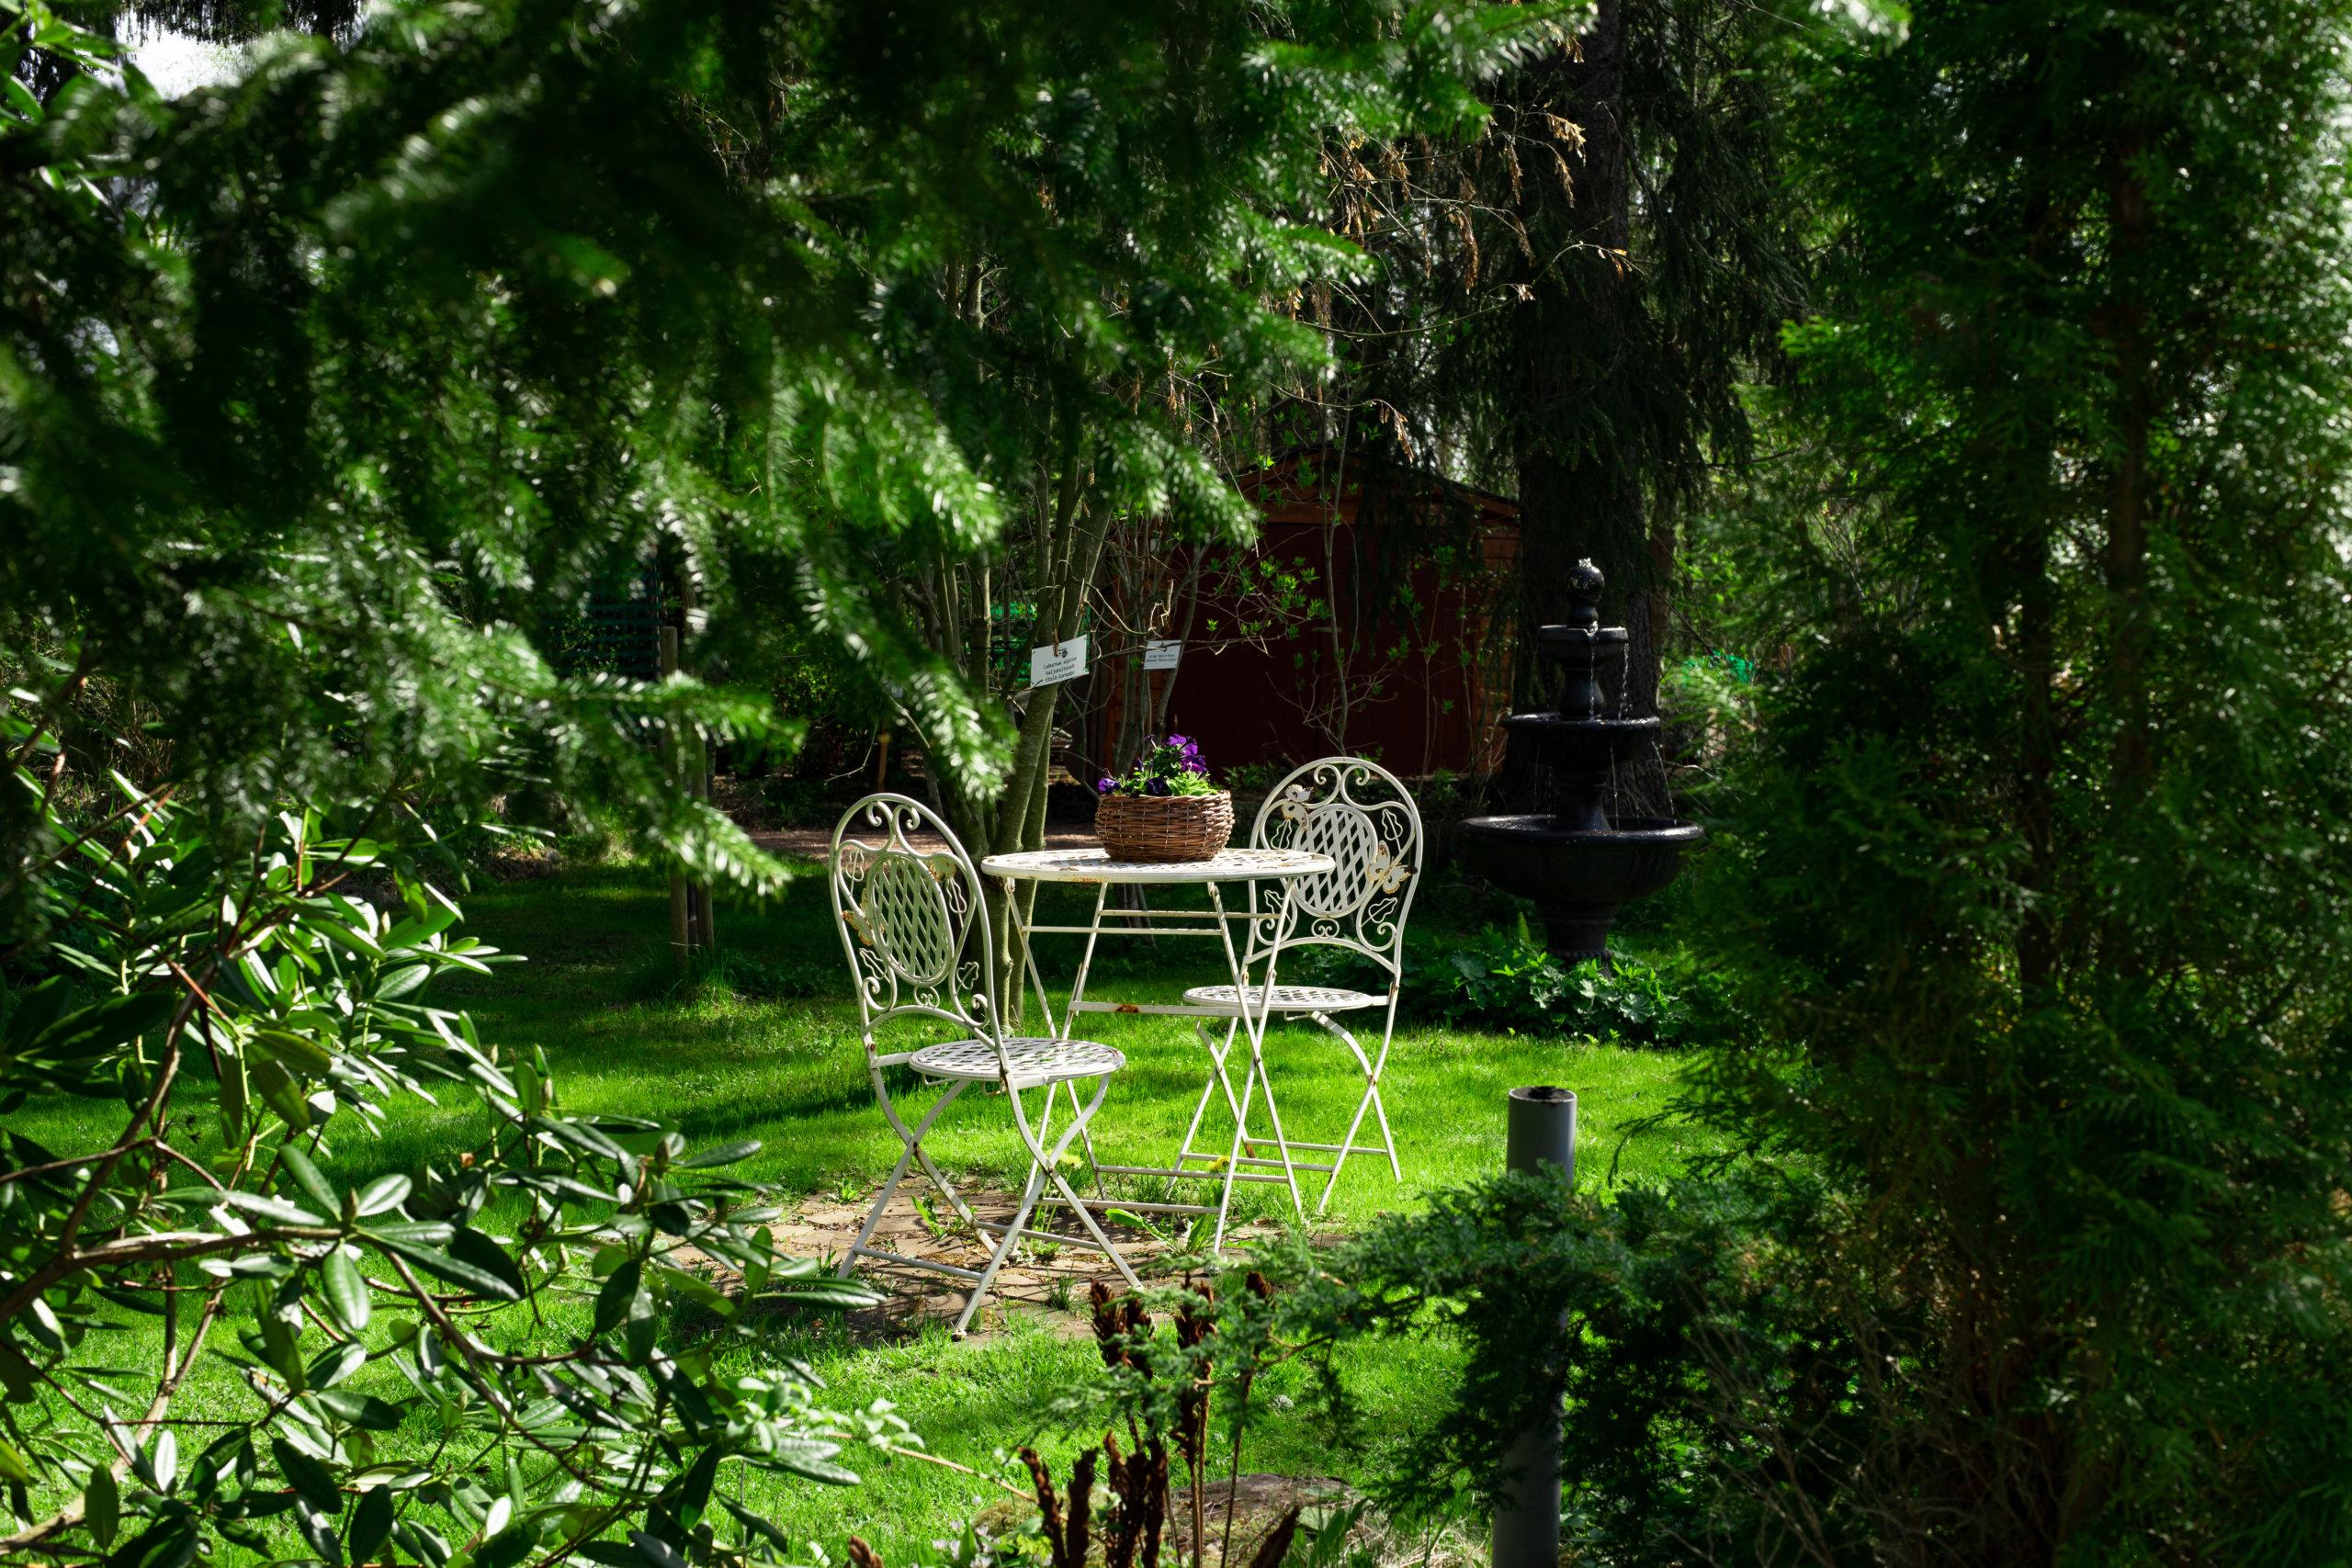 Arboretum Liuksialassa tarjoaa herkkuja silmälle ja sielulle. Poikkea torstai- ja sunnuntai-iltapäivisin. Kuva: Tiia Ennala / Visit Kangasala